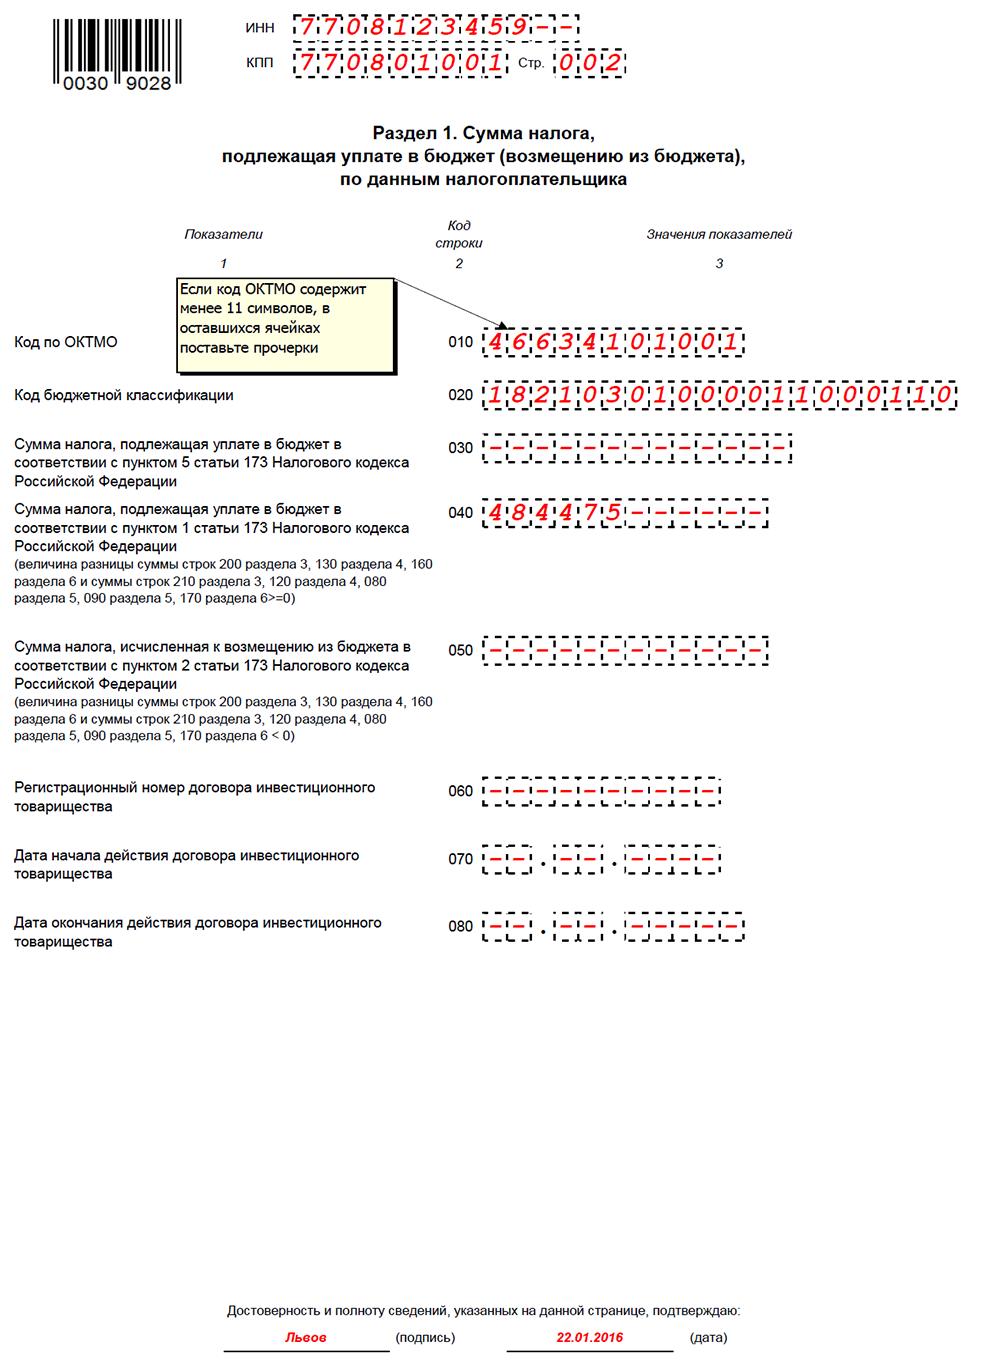 Нулевая декларация по НДС за 4 квартал 2015 года